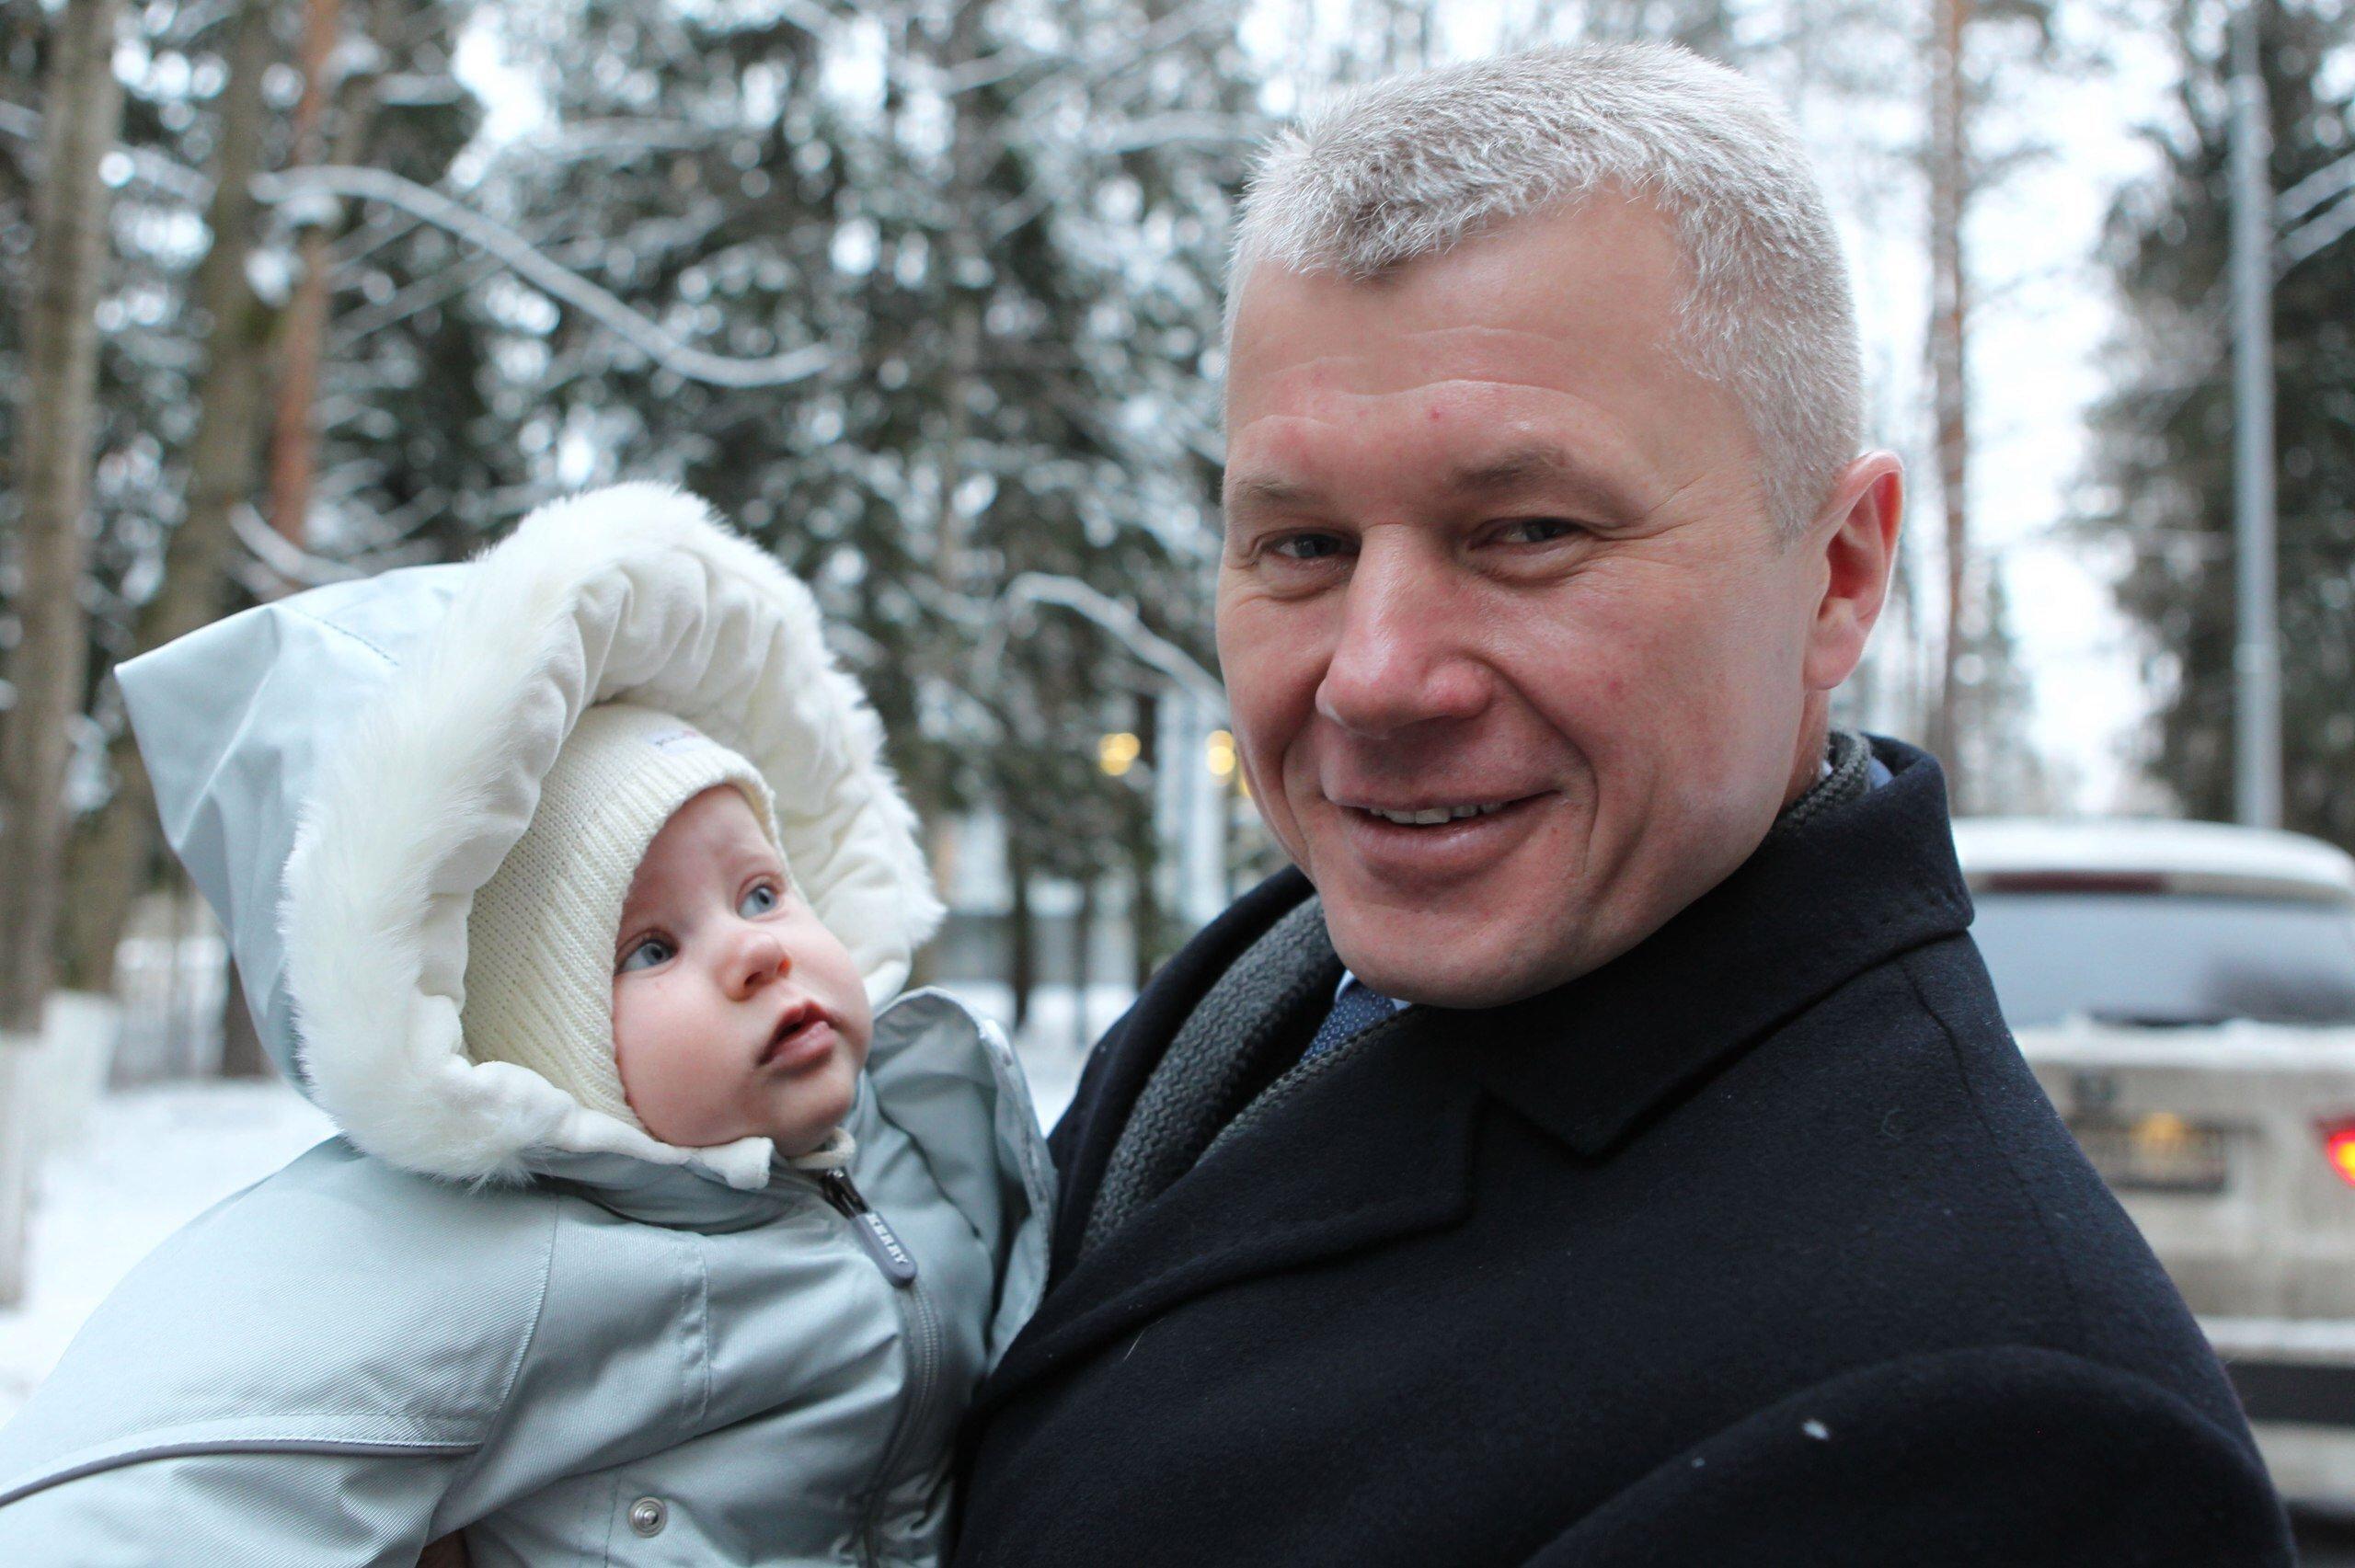 Космонавт Олег Новицкий с младшей дочерью - совсем скоро ему предстоит убыть на МКС